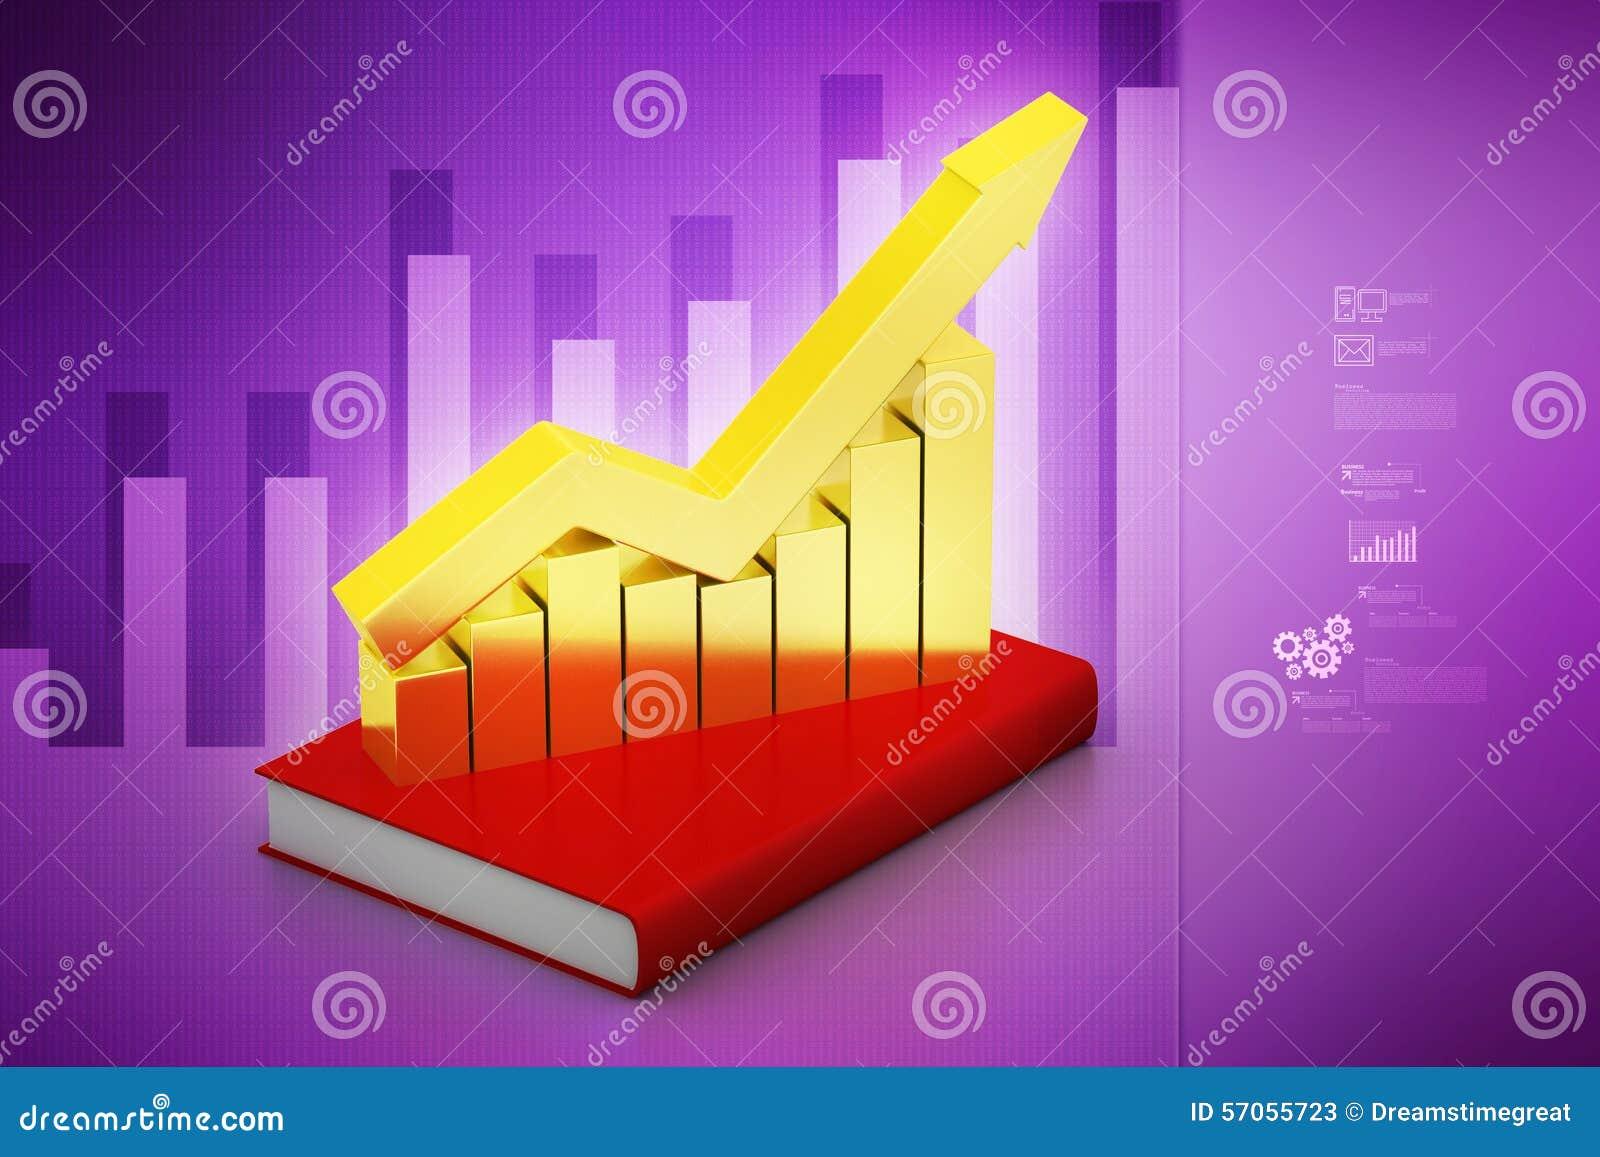 Financiële grafiek in succes op boek